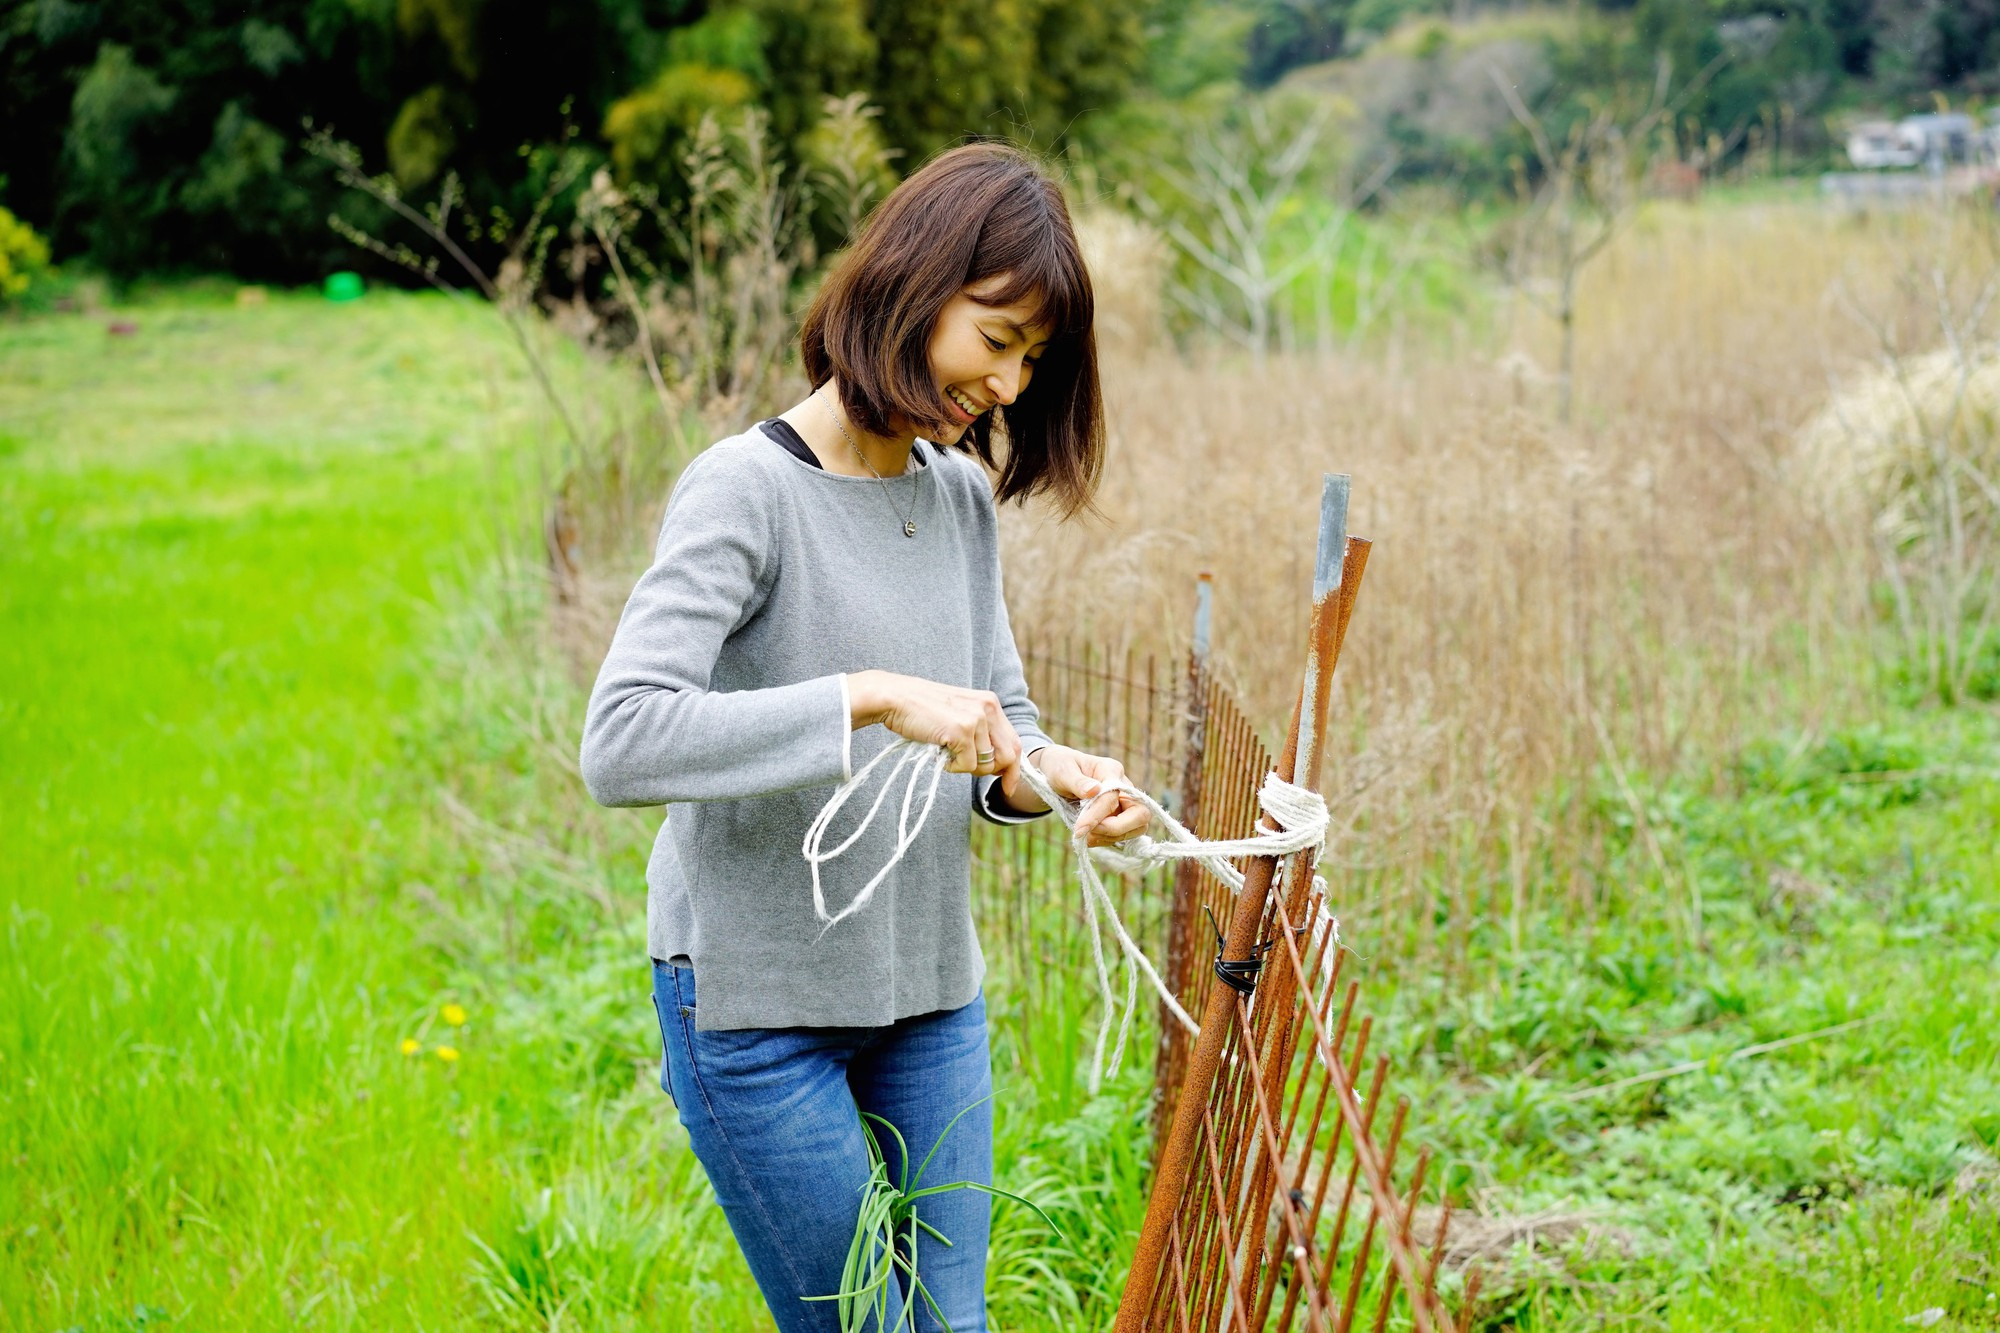 Nữ kỹ sư Nhật bỏ nhà phố, cùng gia đình về sống trong ngôi nhà nhỏ yên bình với vườn tược nơi thôn quê - Ảnh 16.